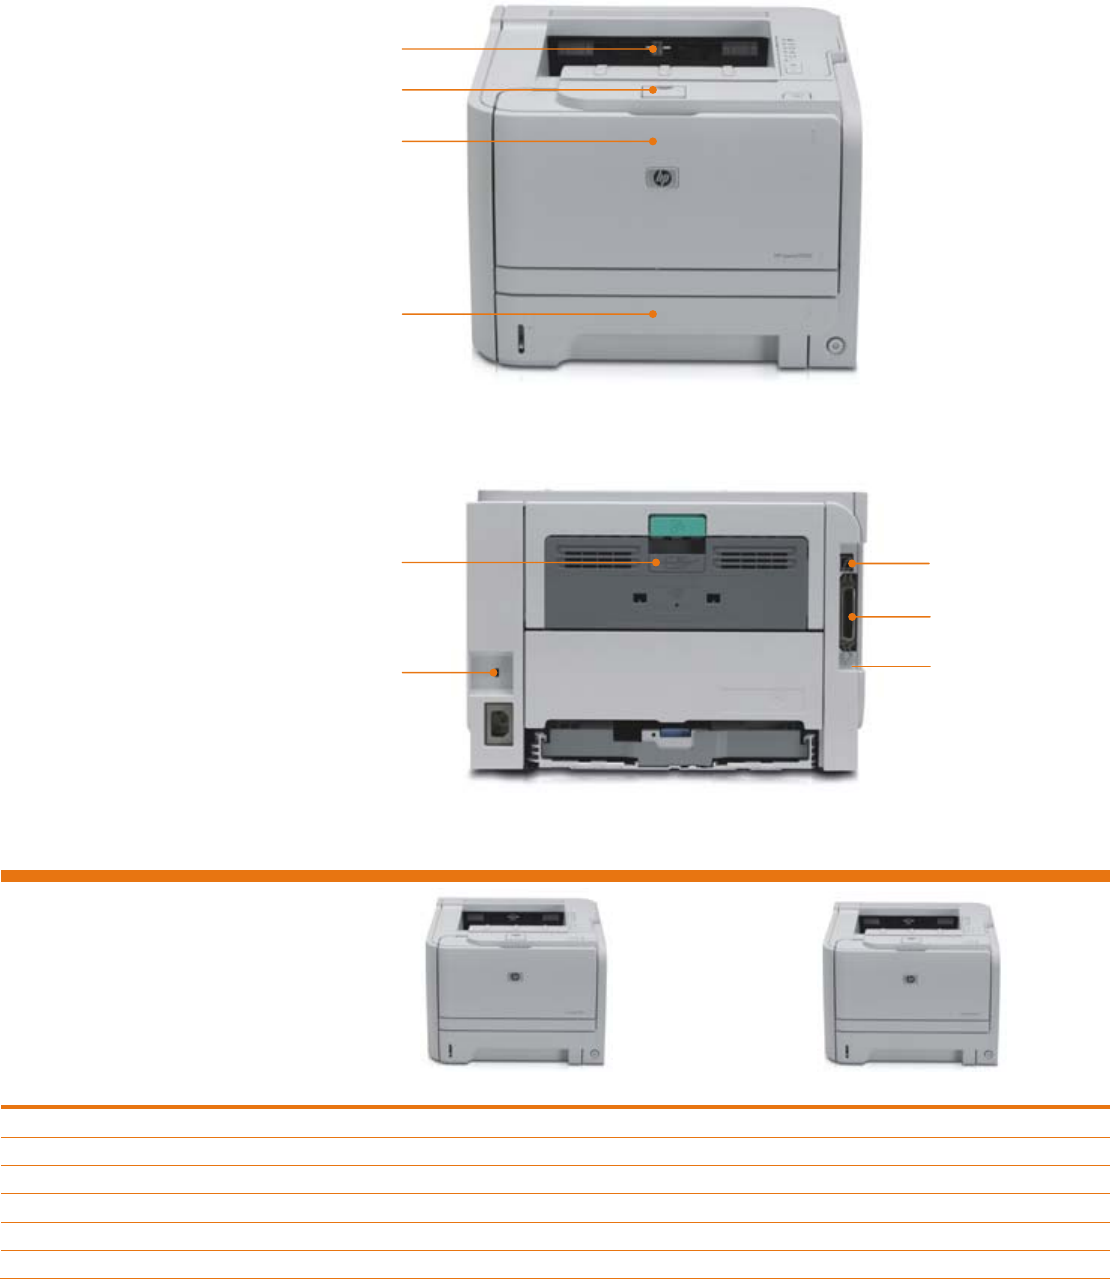 драйвер принтера hp laserjet p2035